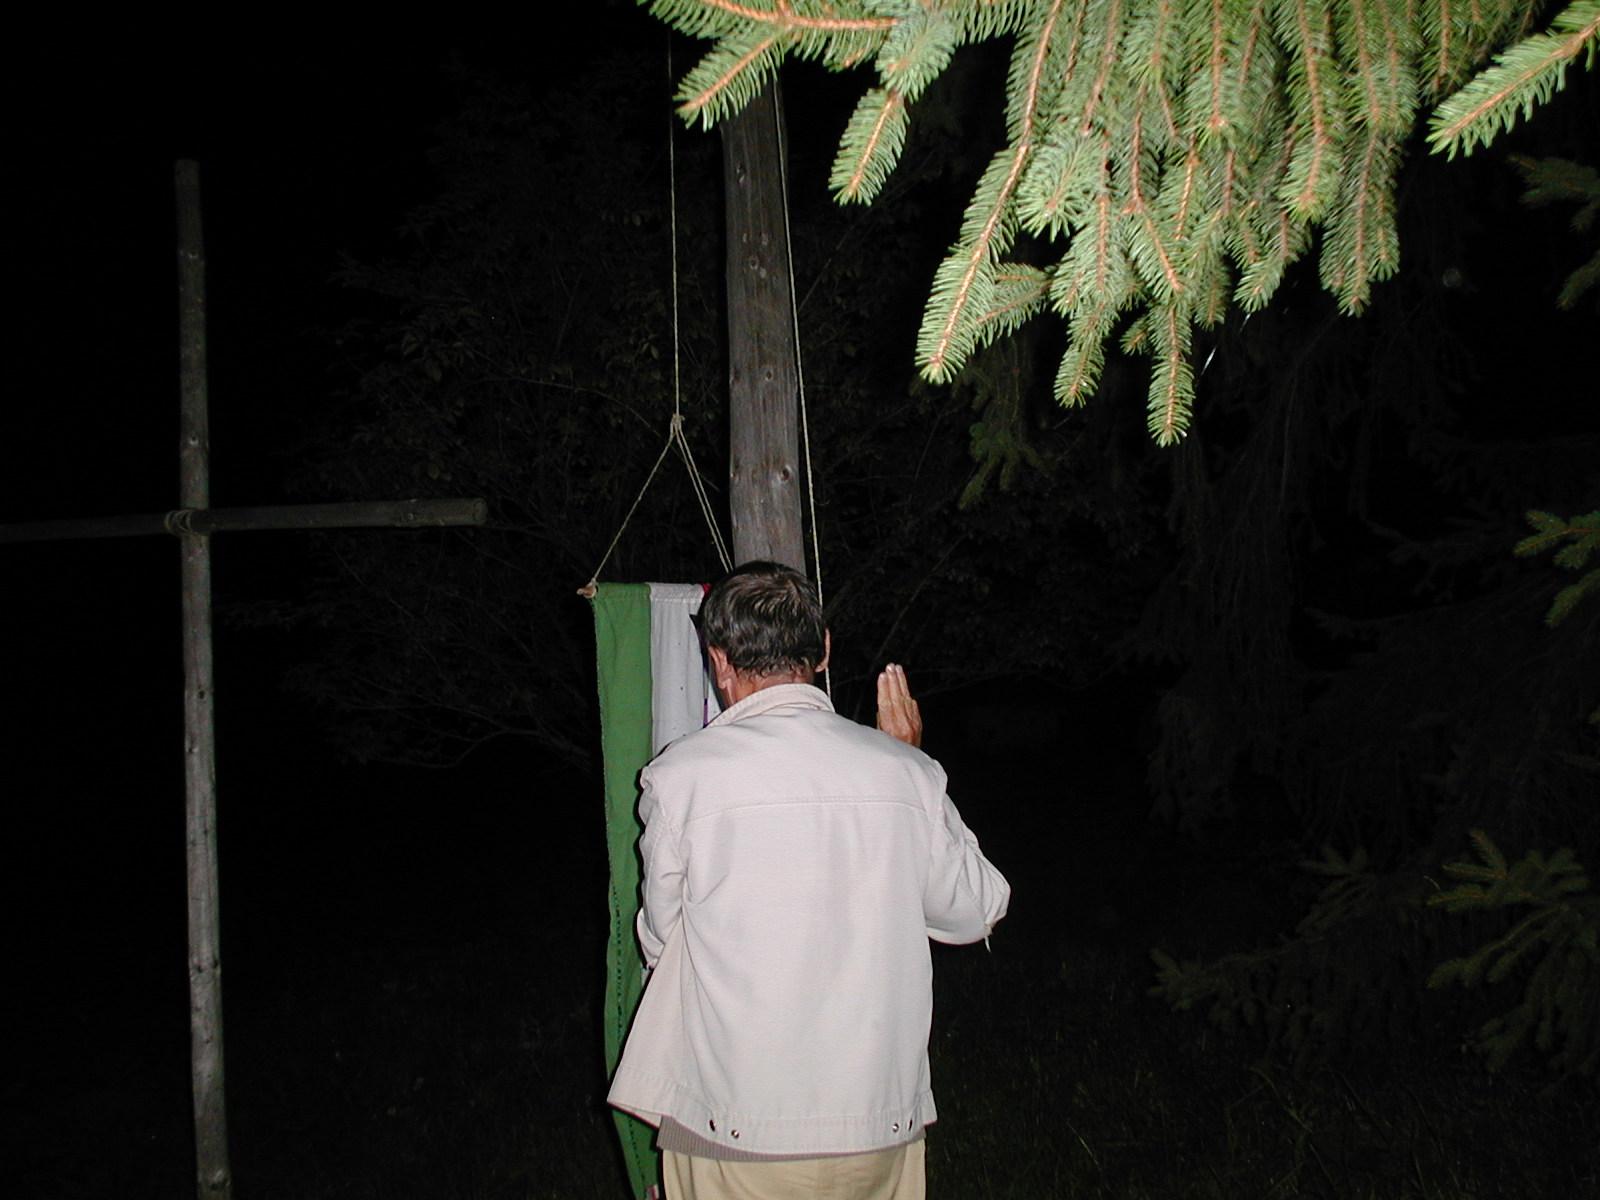 Utolsó este a 2002-es táborban Gyurka bá engedi le a zászlót a szertartáson